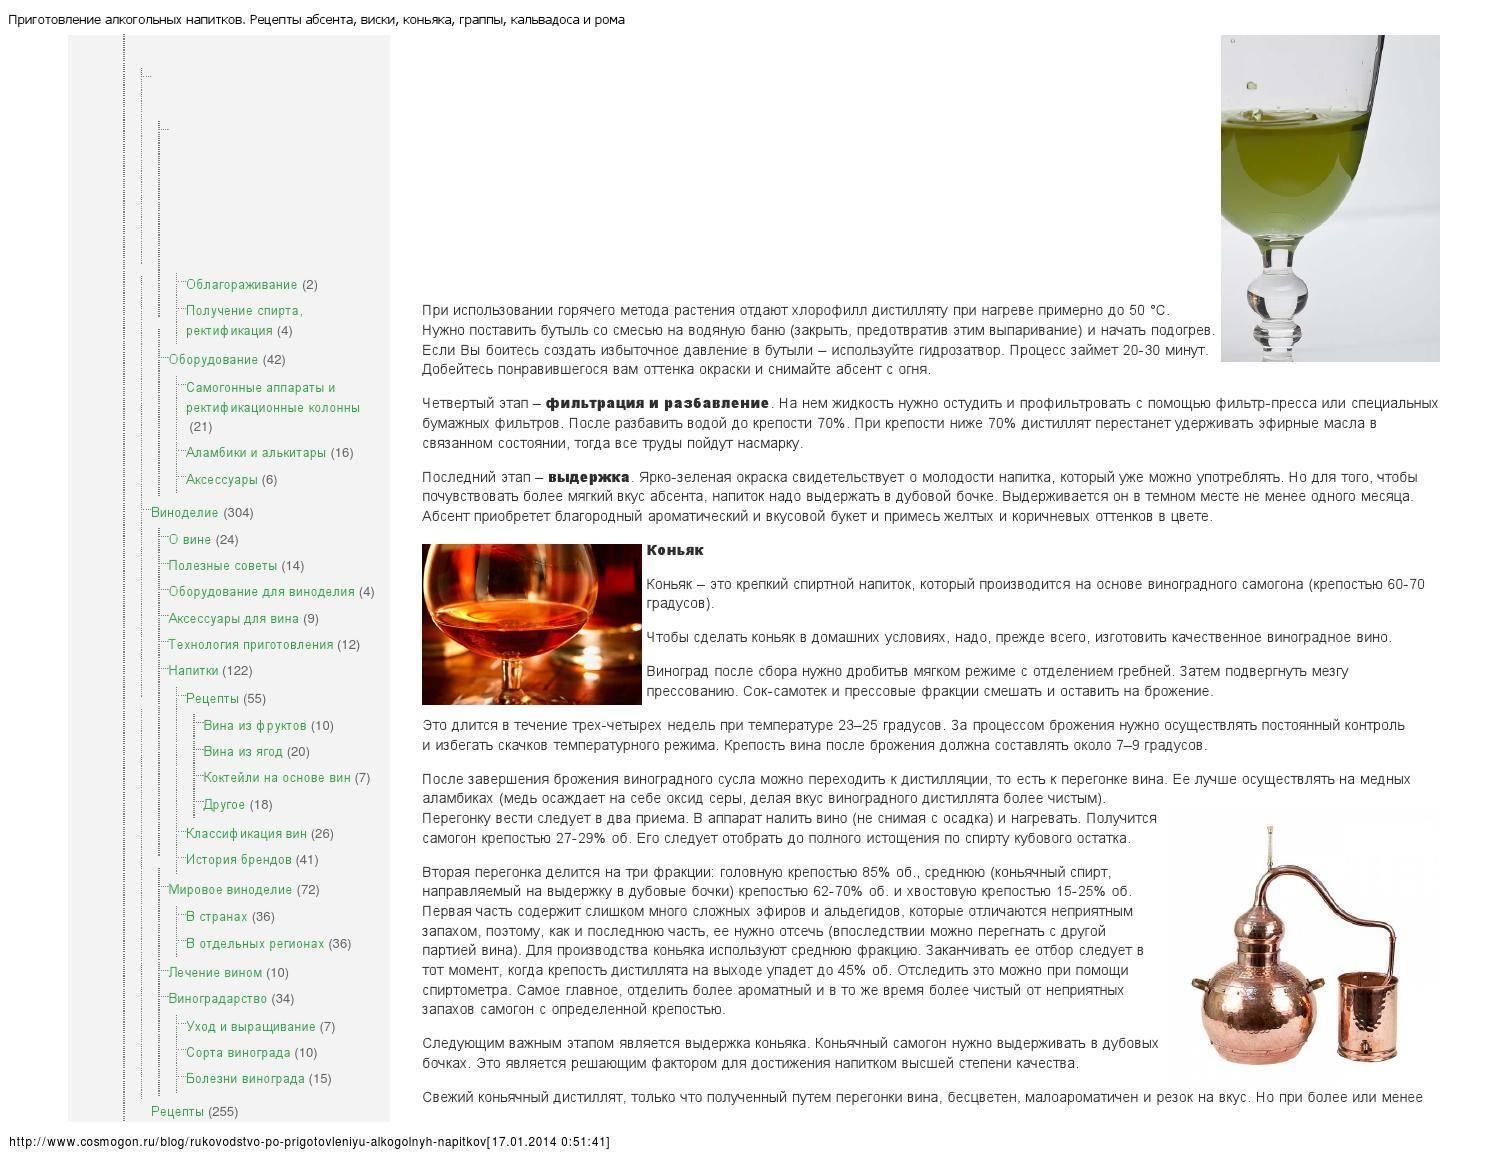 Рецепт классического коньяка в домашних условиях из виноградного самогона